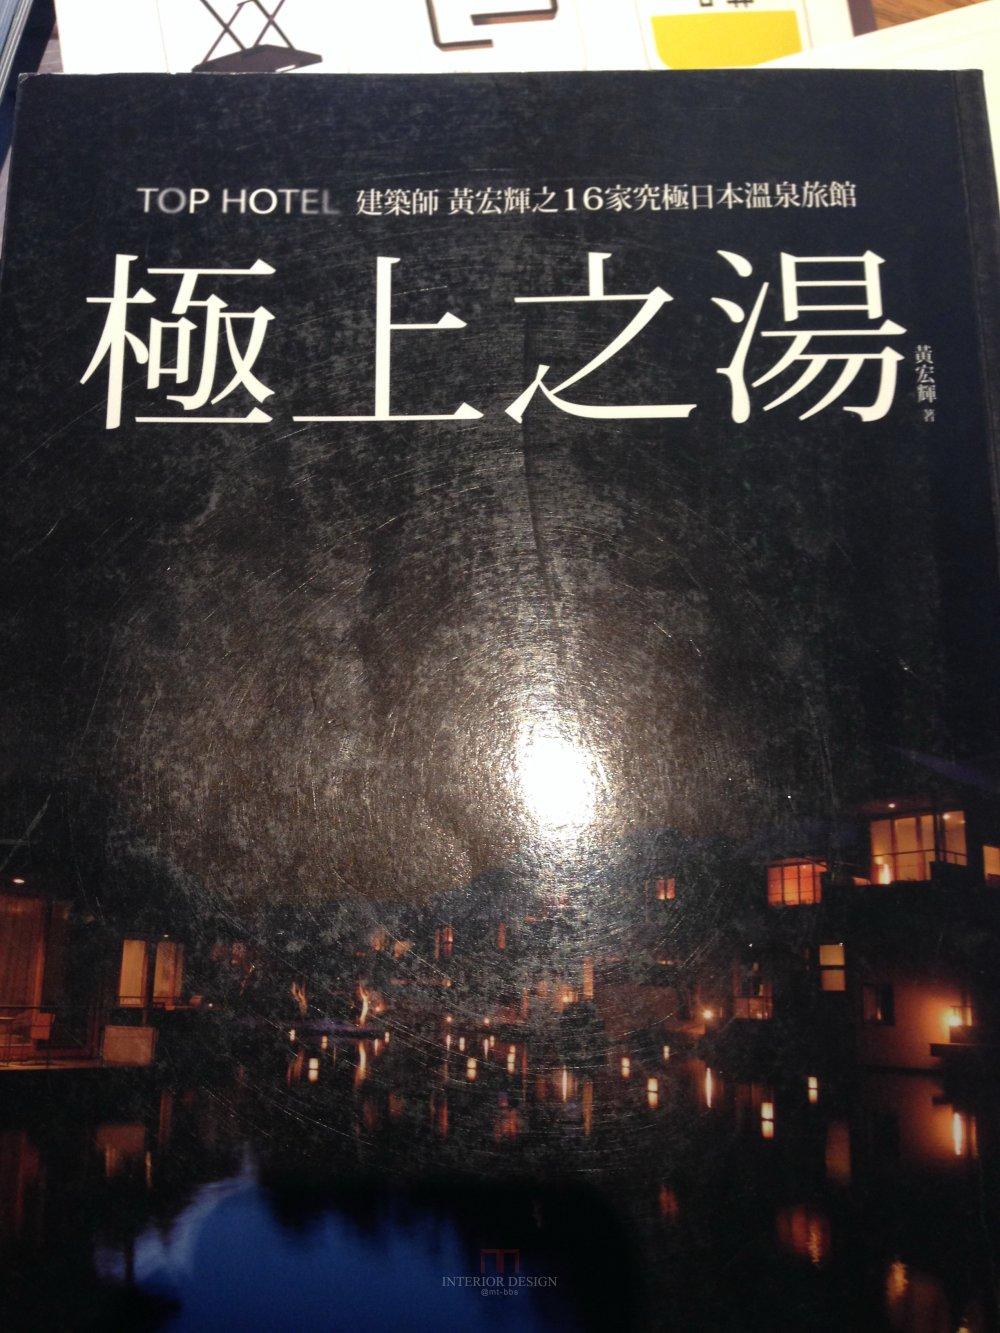 马蹄2013-2014年第四届深圳设计年会活动(年会专题信息收集)_IMG_6467.JPG